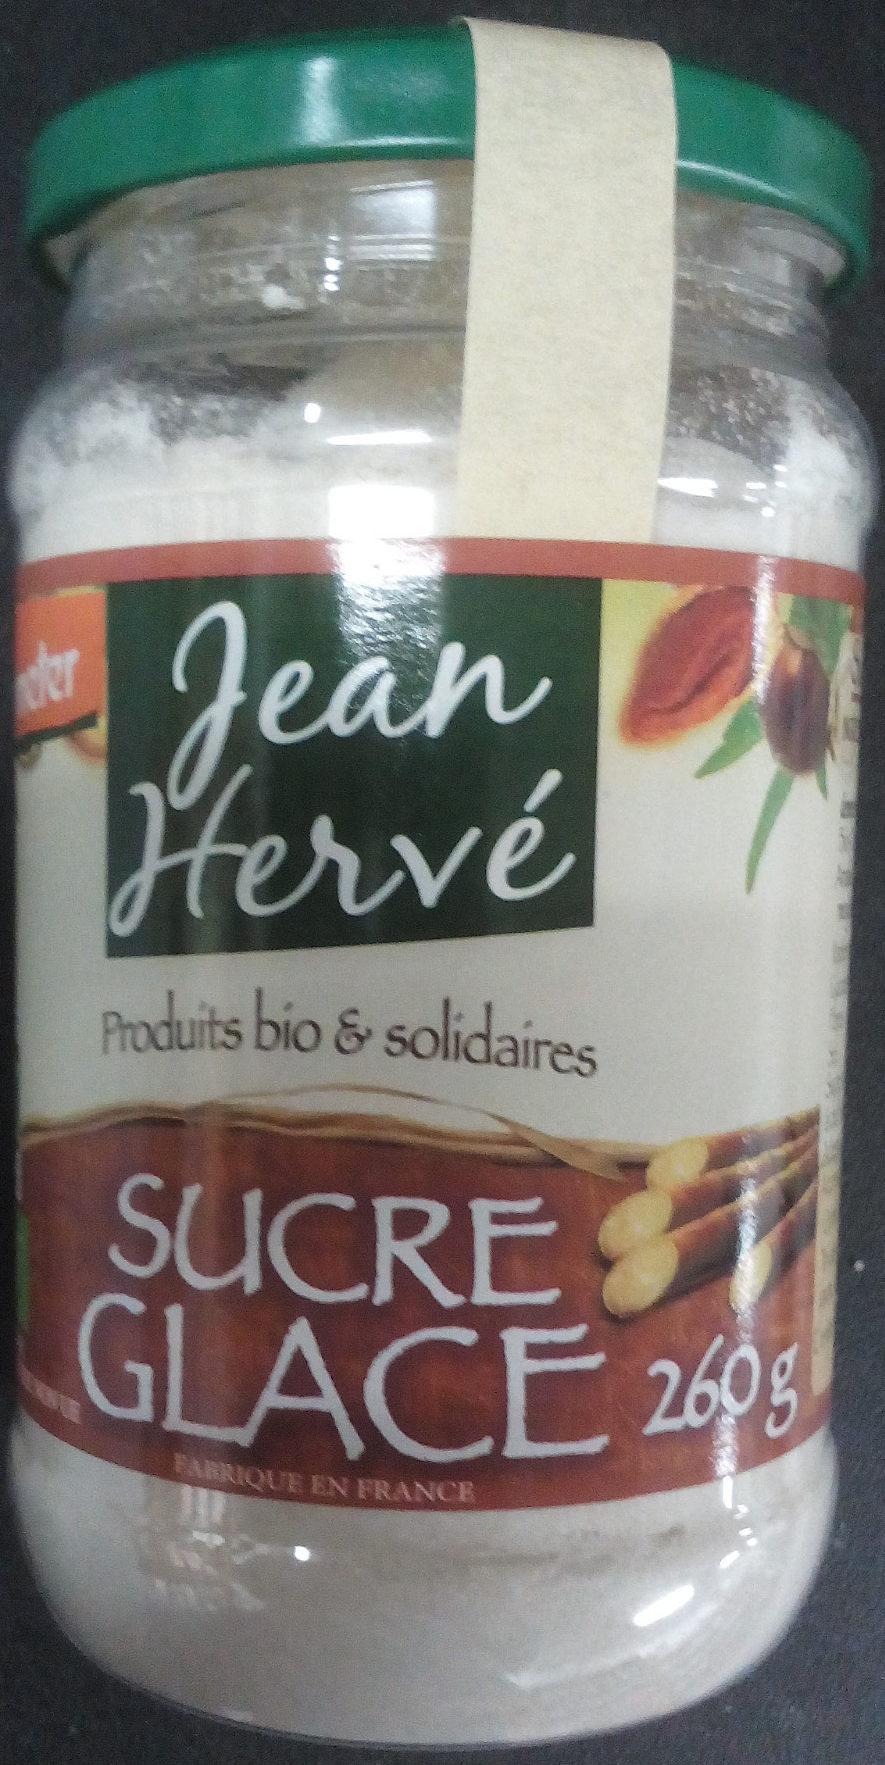 Sucre glace - Produit - fr